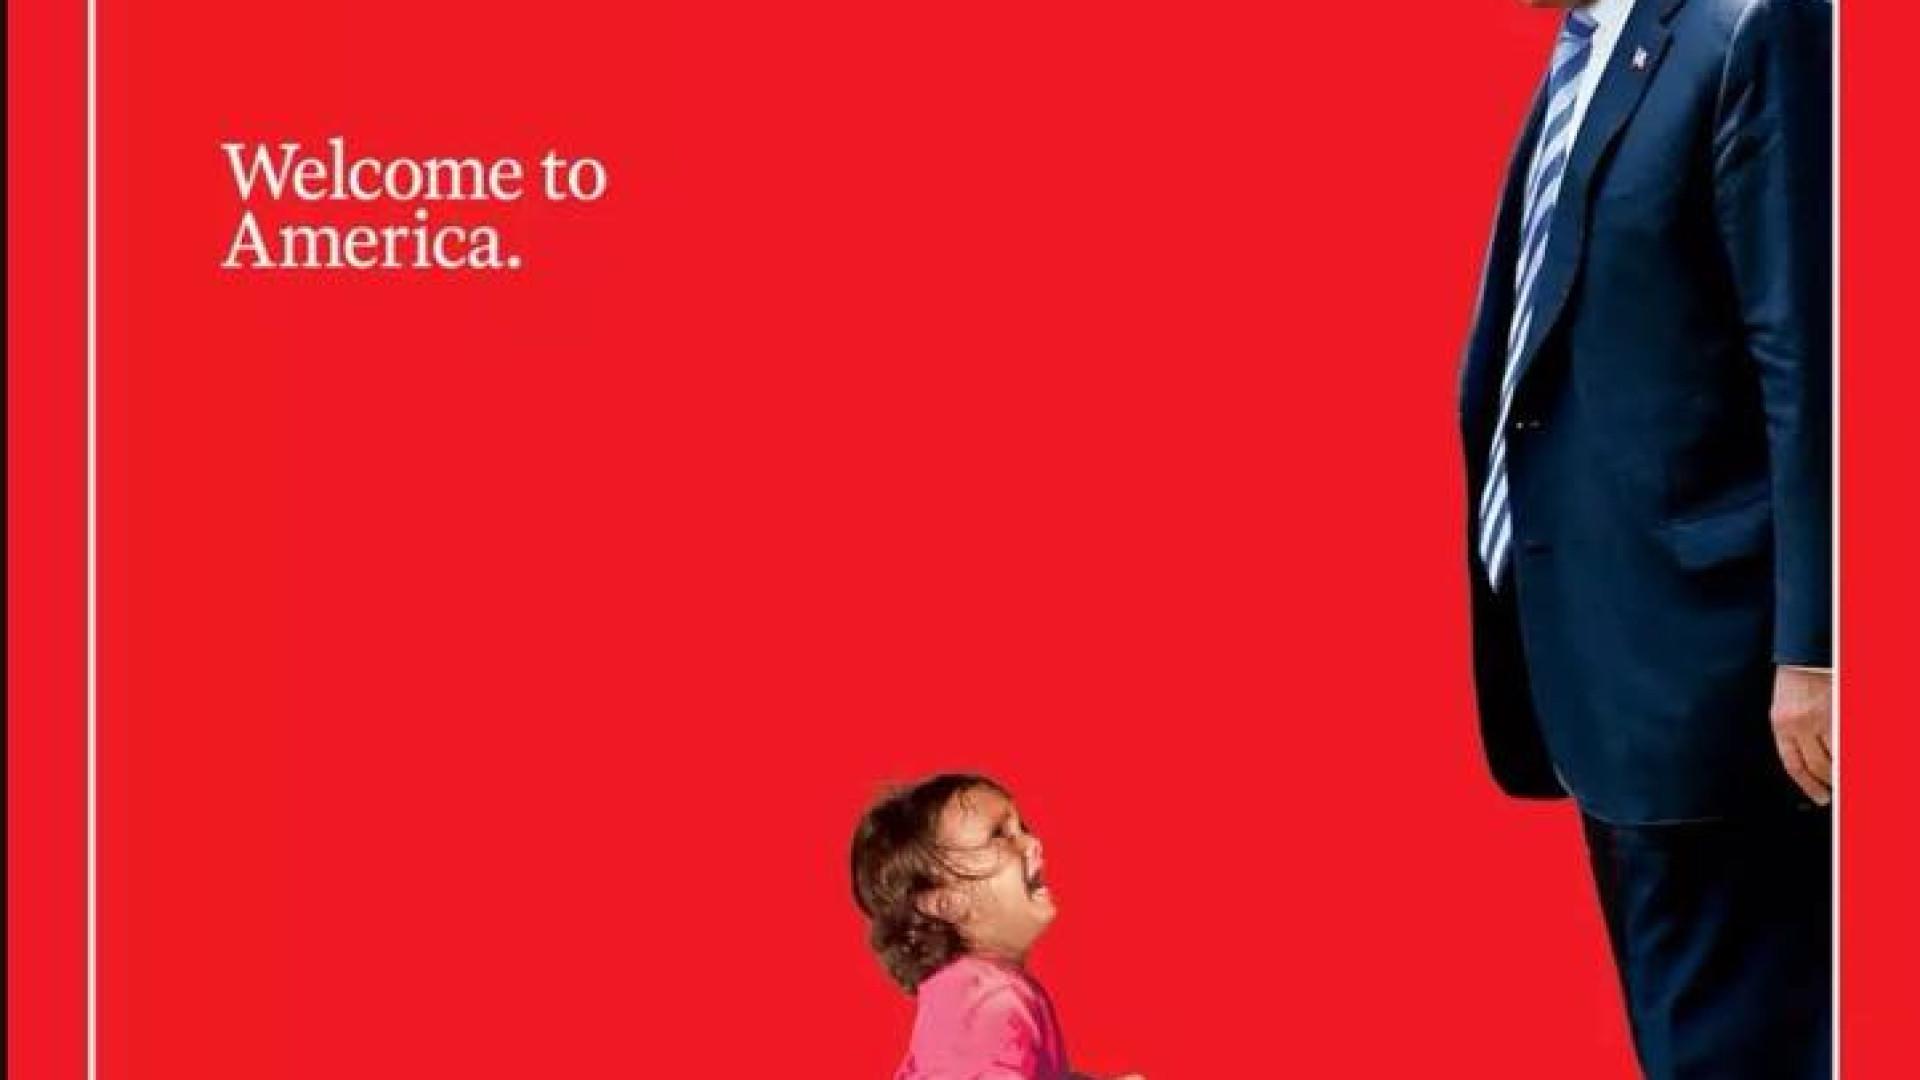 """Trump e uma criança a chorar na capa da Time. """"Welcome to America"""""""